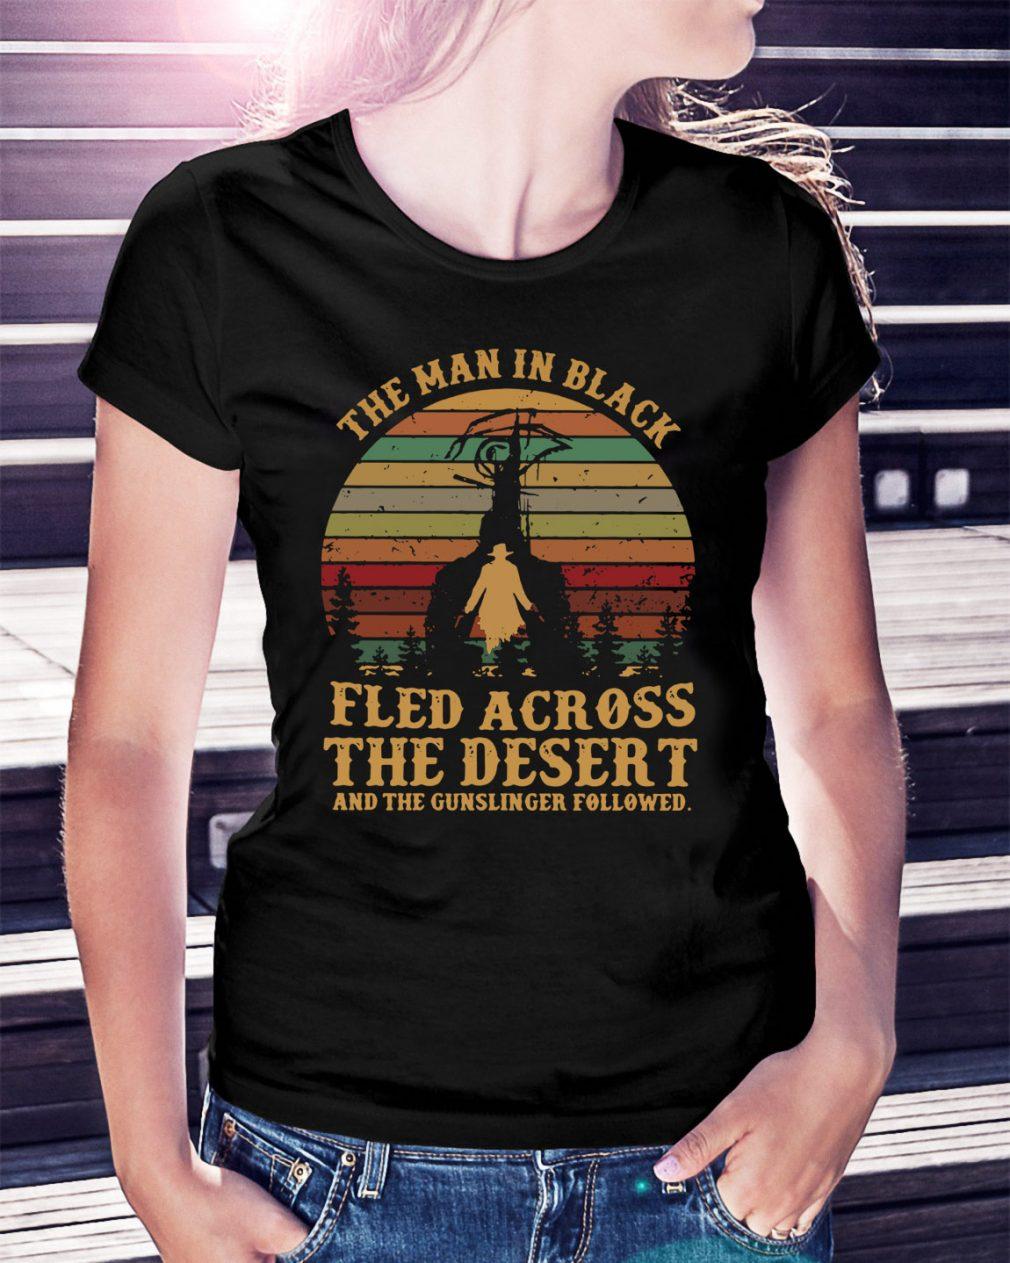 The man in black fled across the desert and the gunslinger Ladies Tee